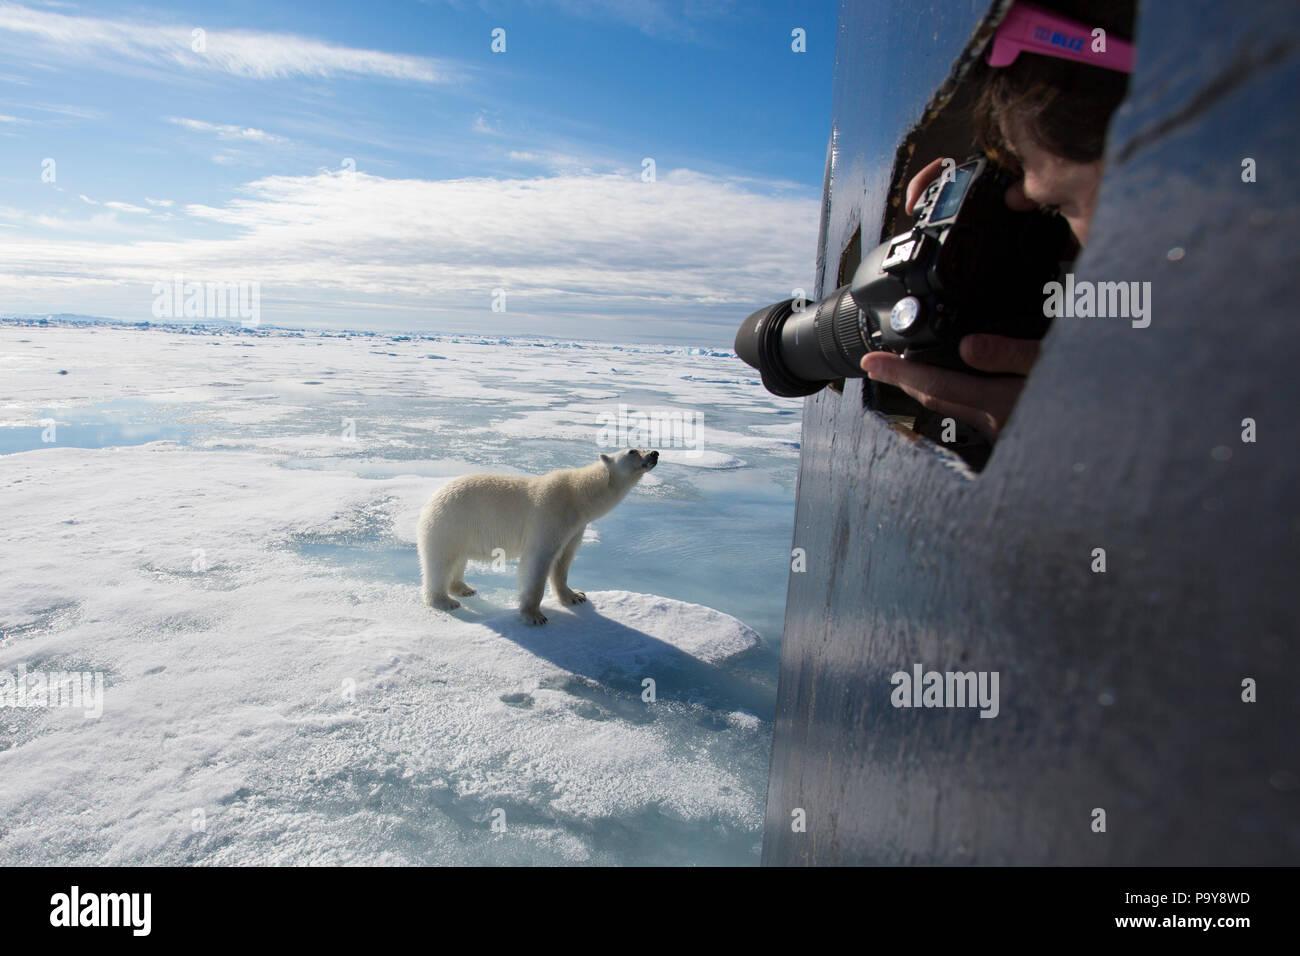 Un Ours s'approche d'un navire touristique dans l'océan Arctique, photographié par une femme à une distance proche. Banque D'Images